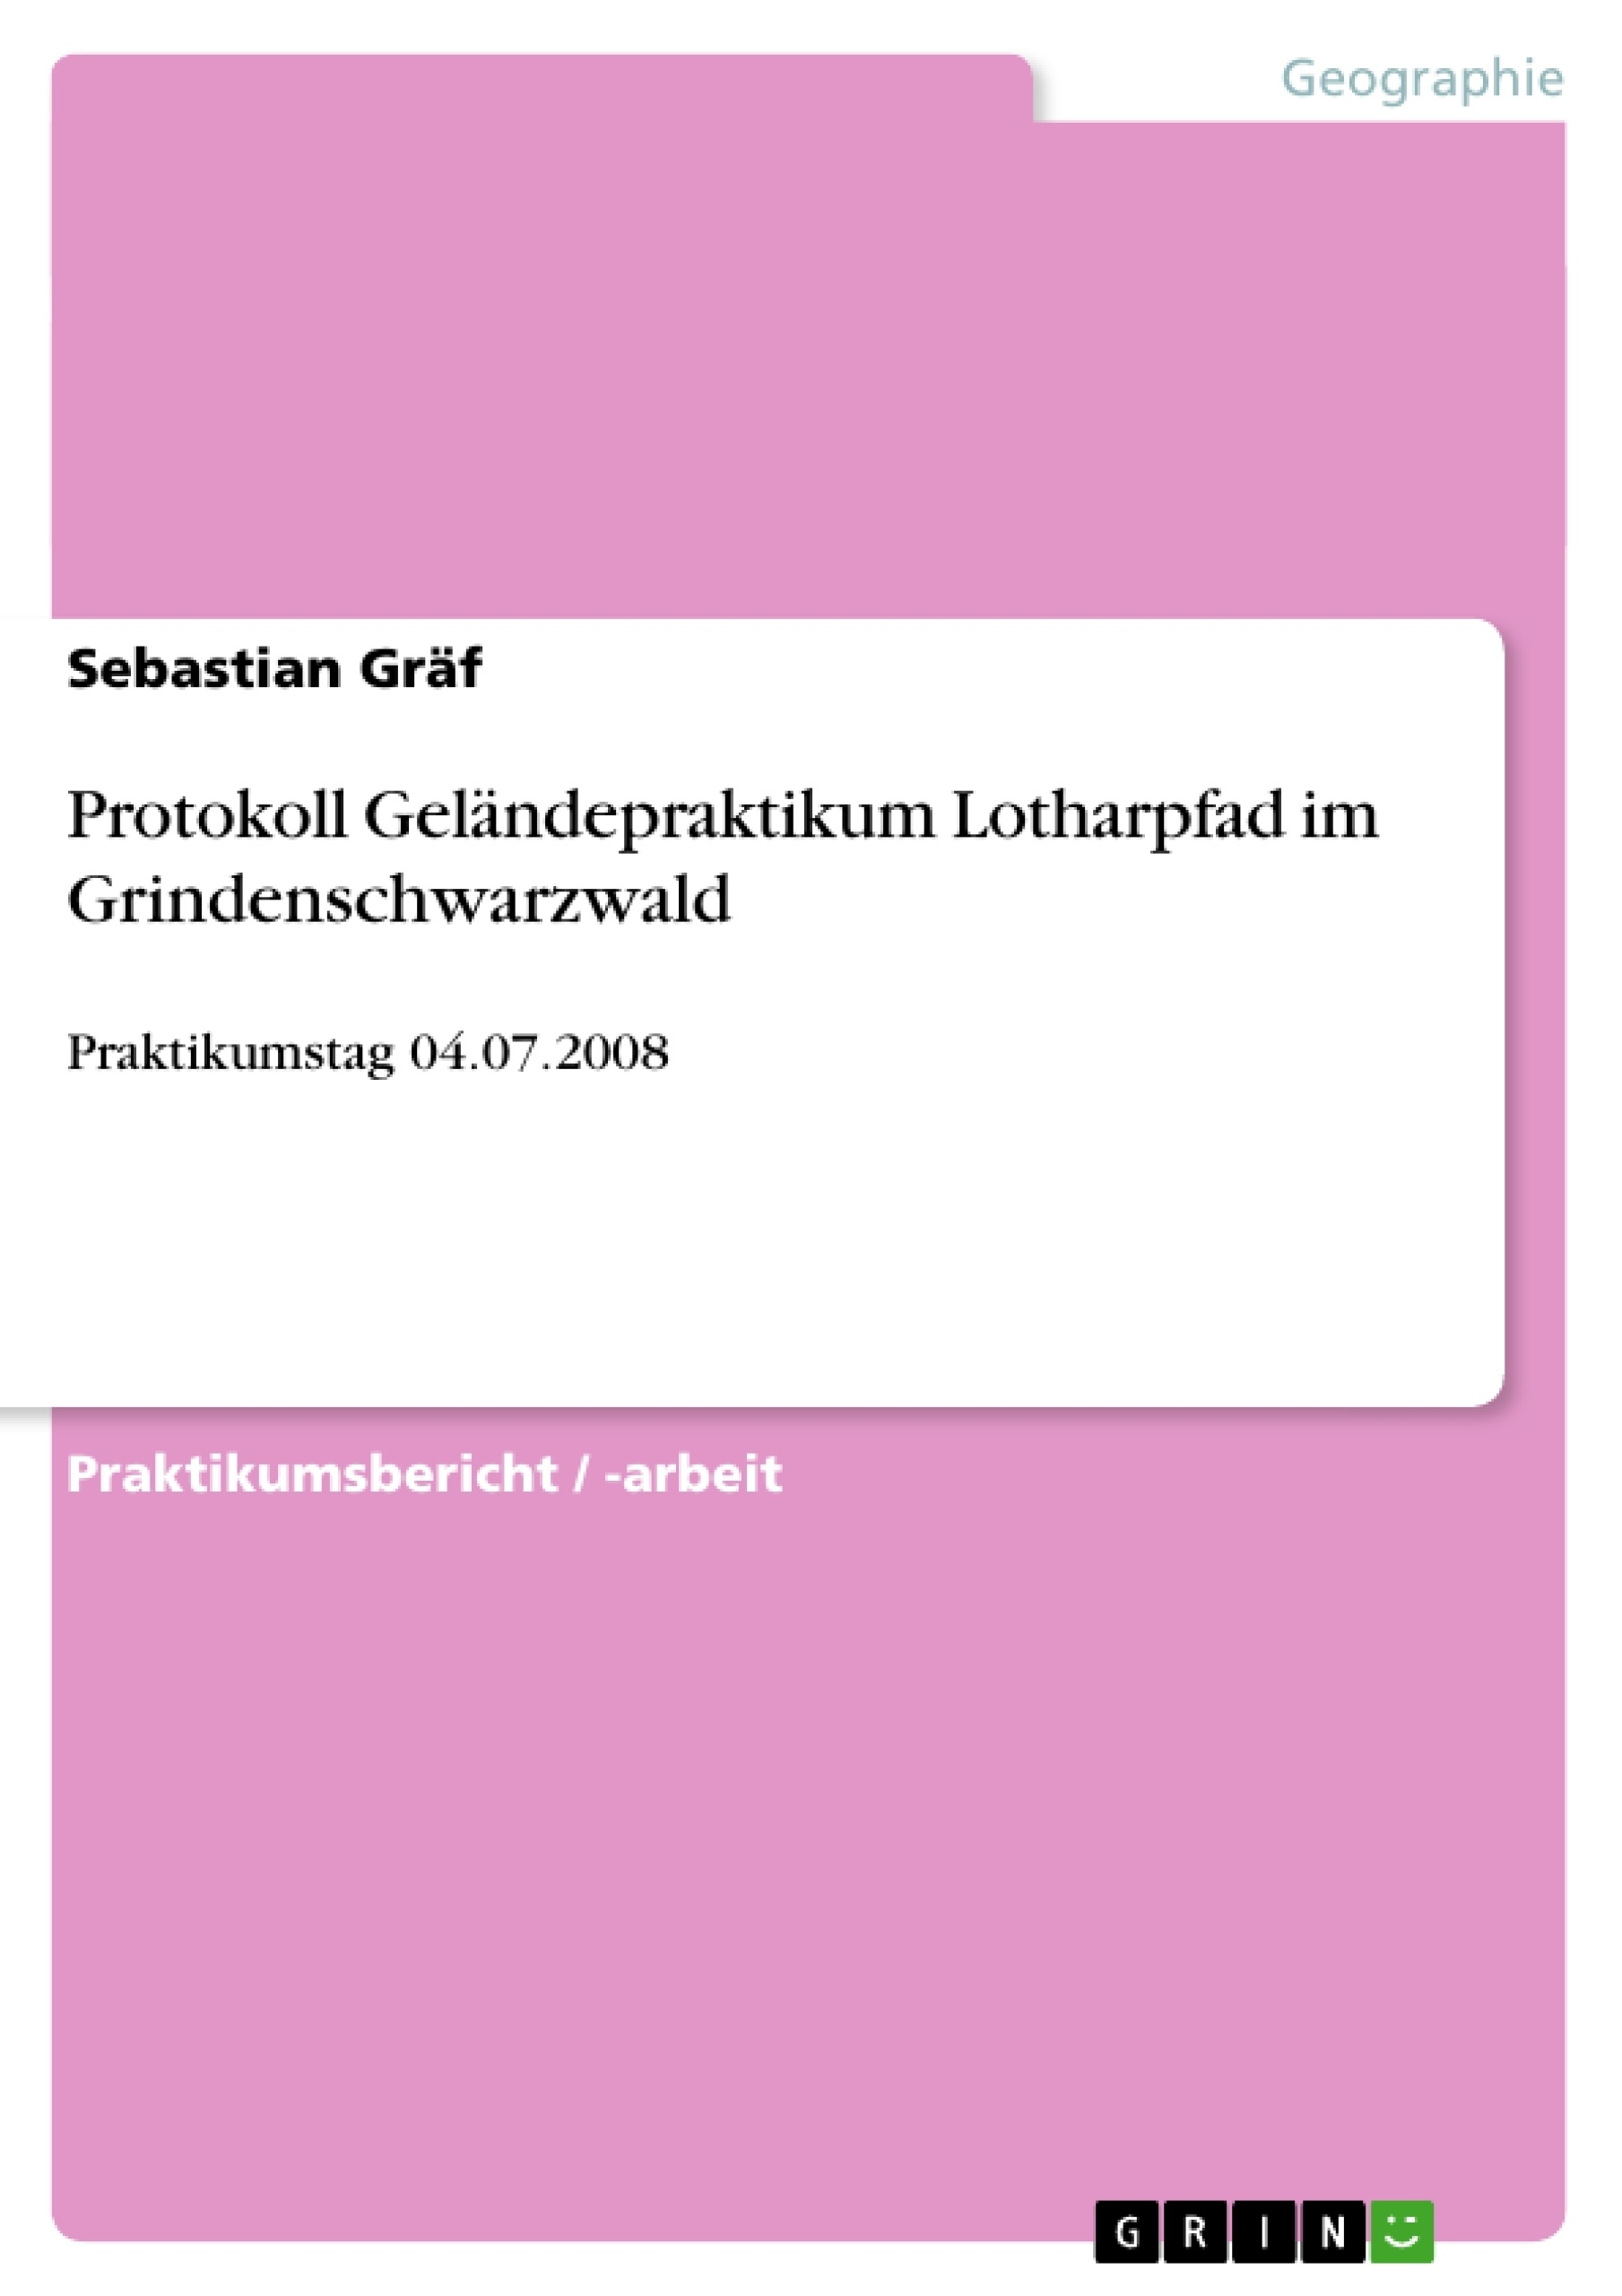 Titel: Protokoll Geländepraktikum Lotharpfad im Grindenschwarzwald